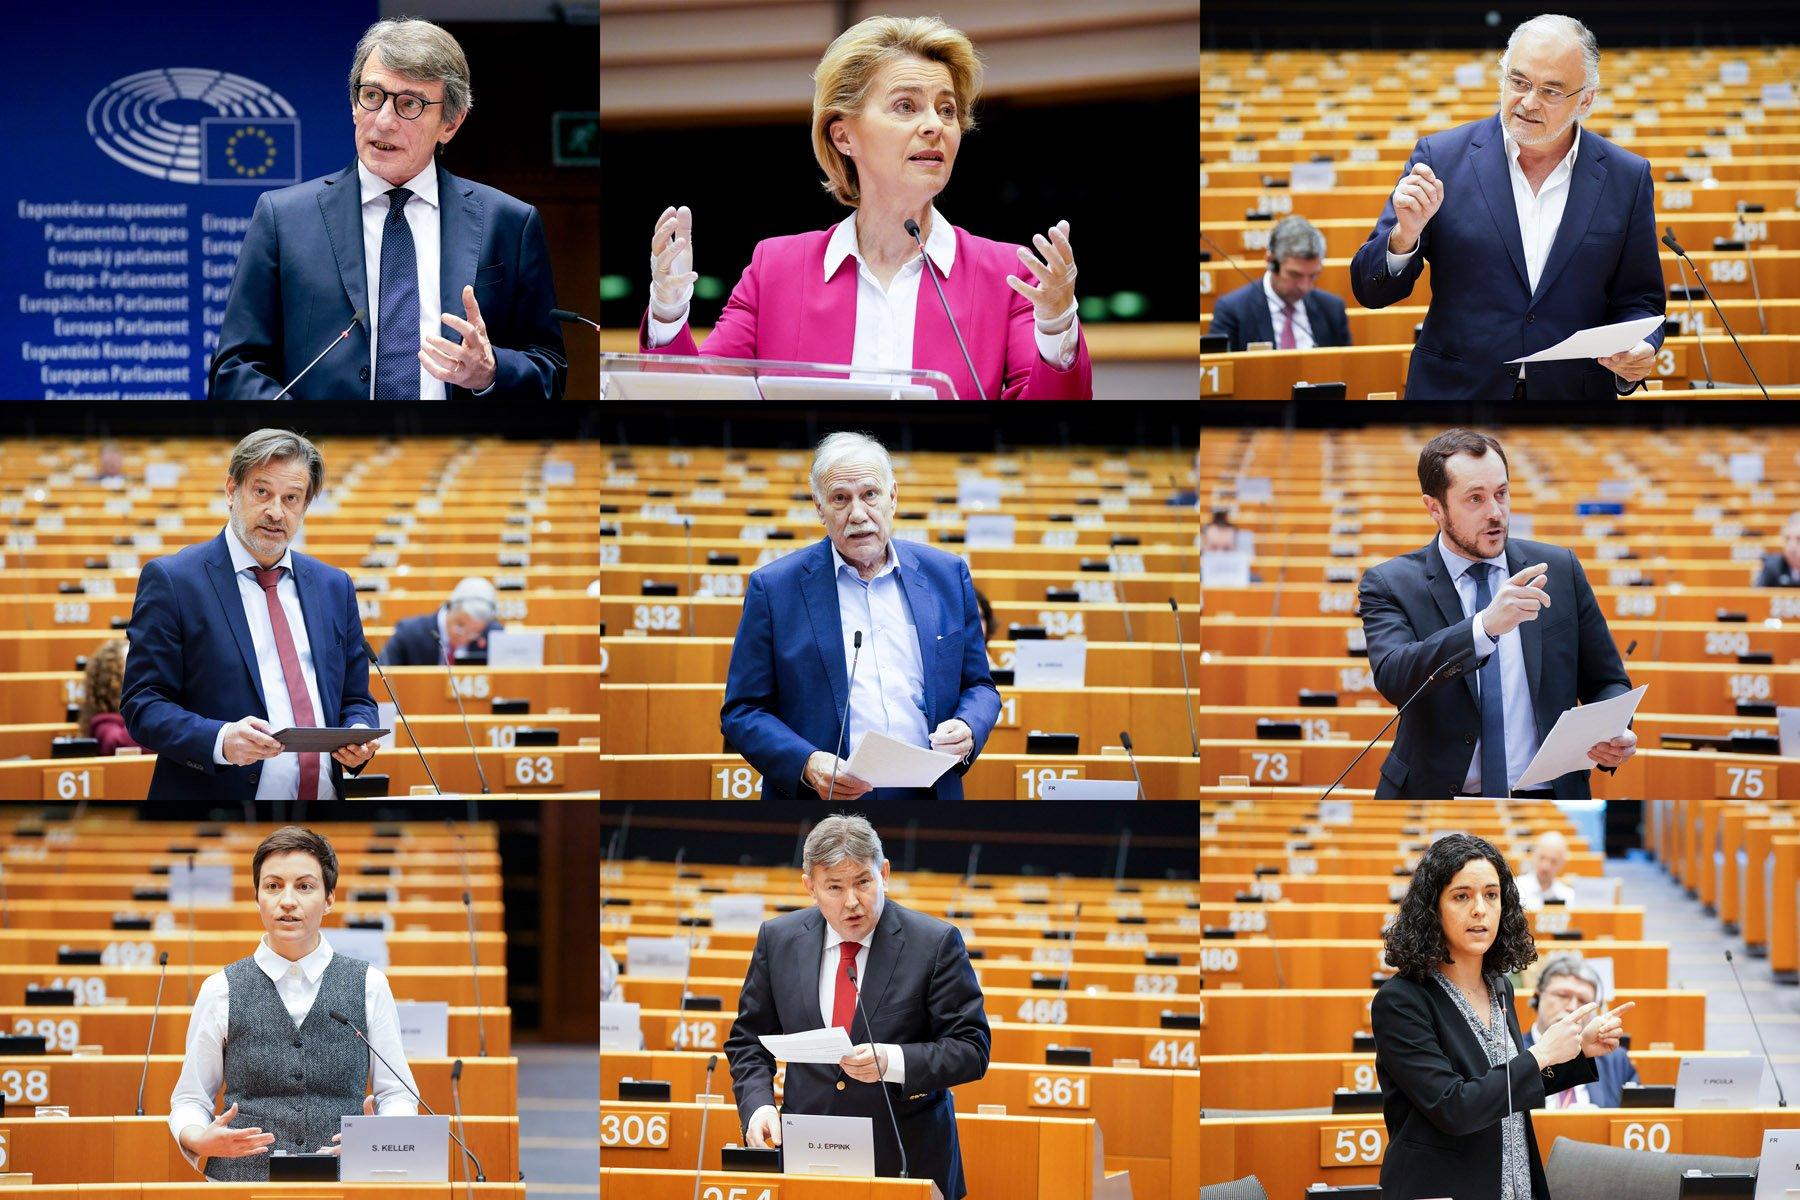 Πρέπει η Ευρώπη να έχει ευρωομόλογα;